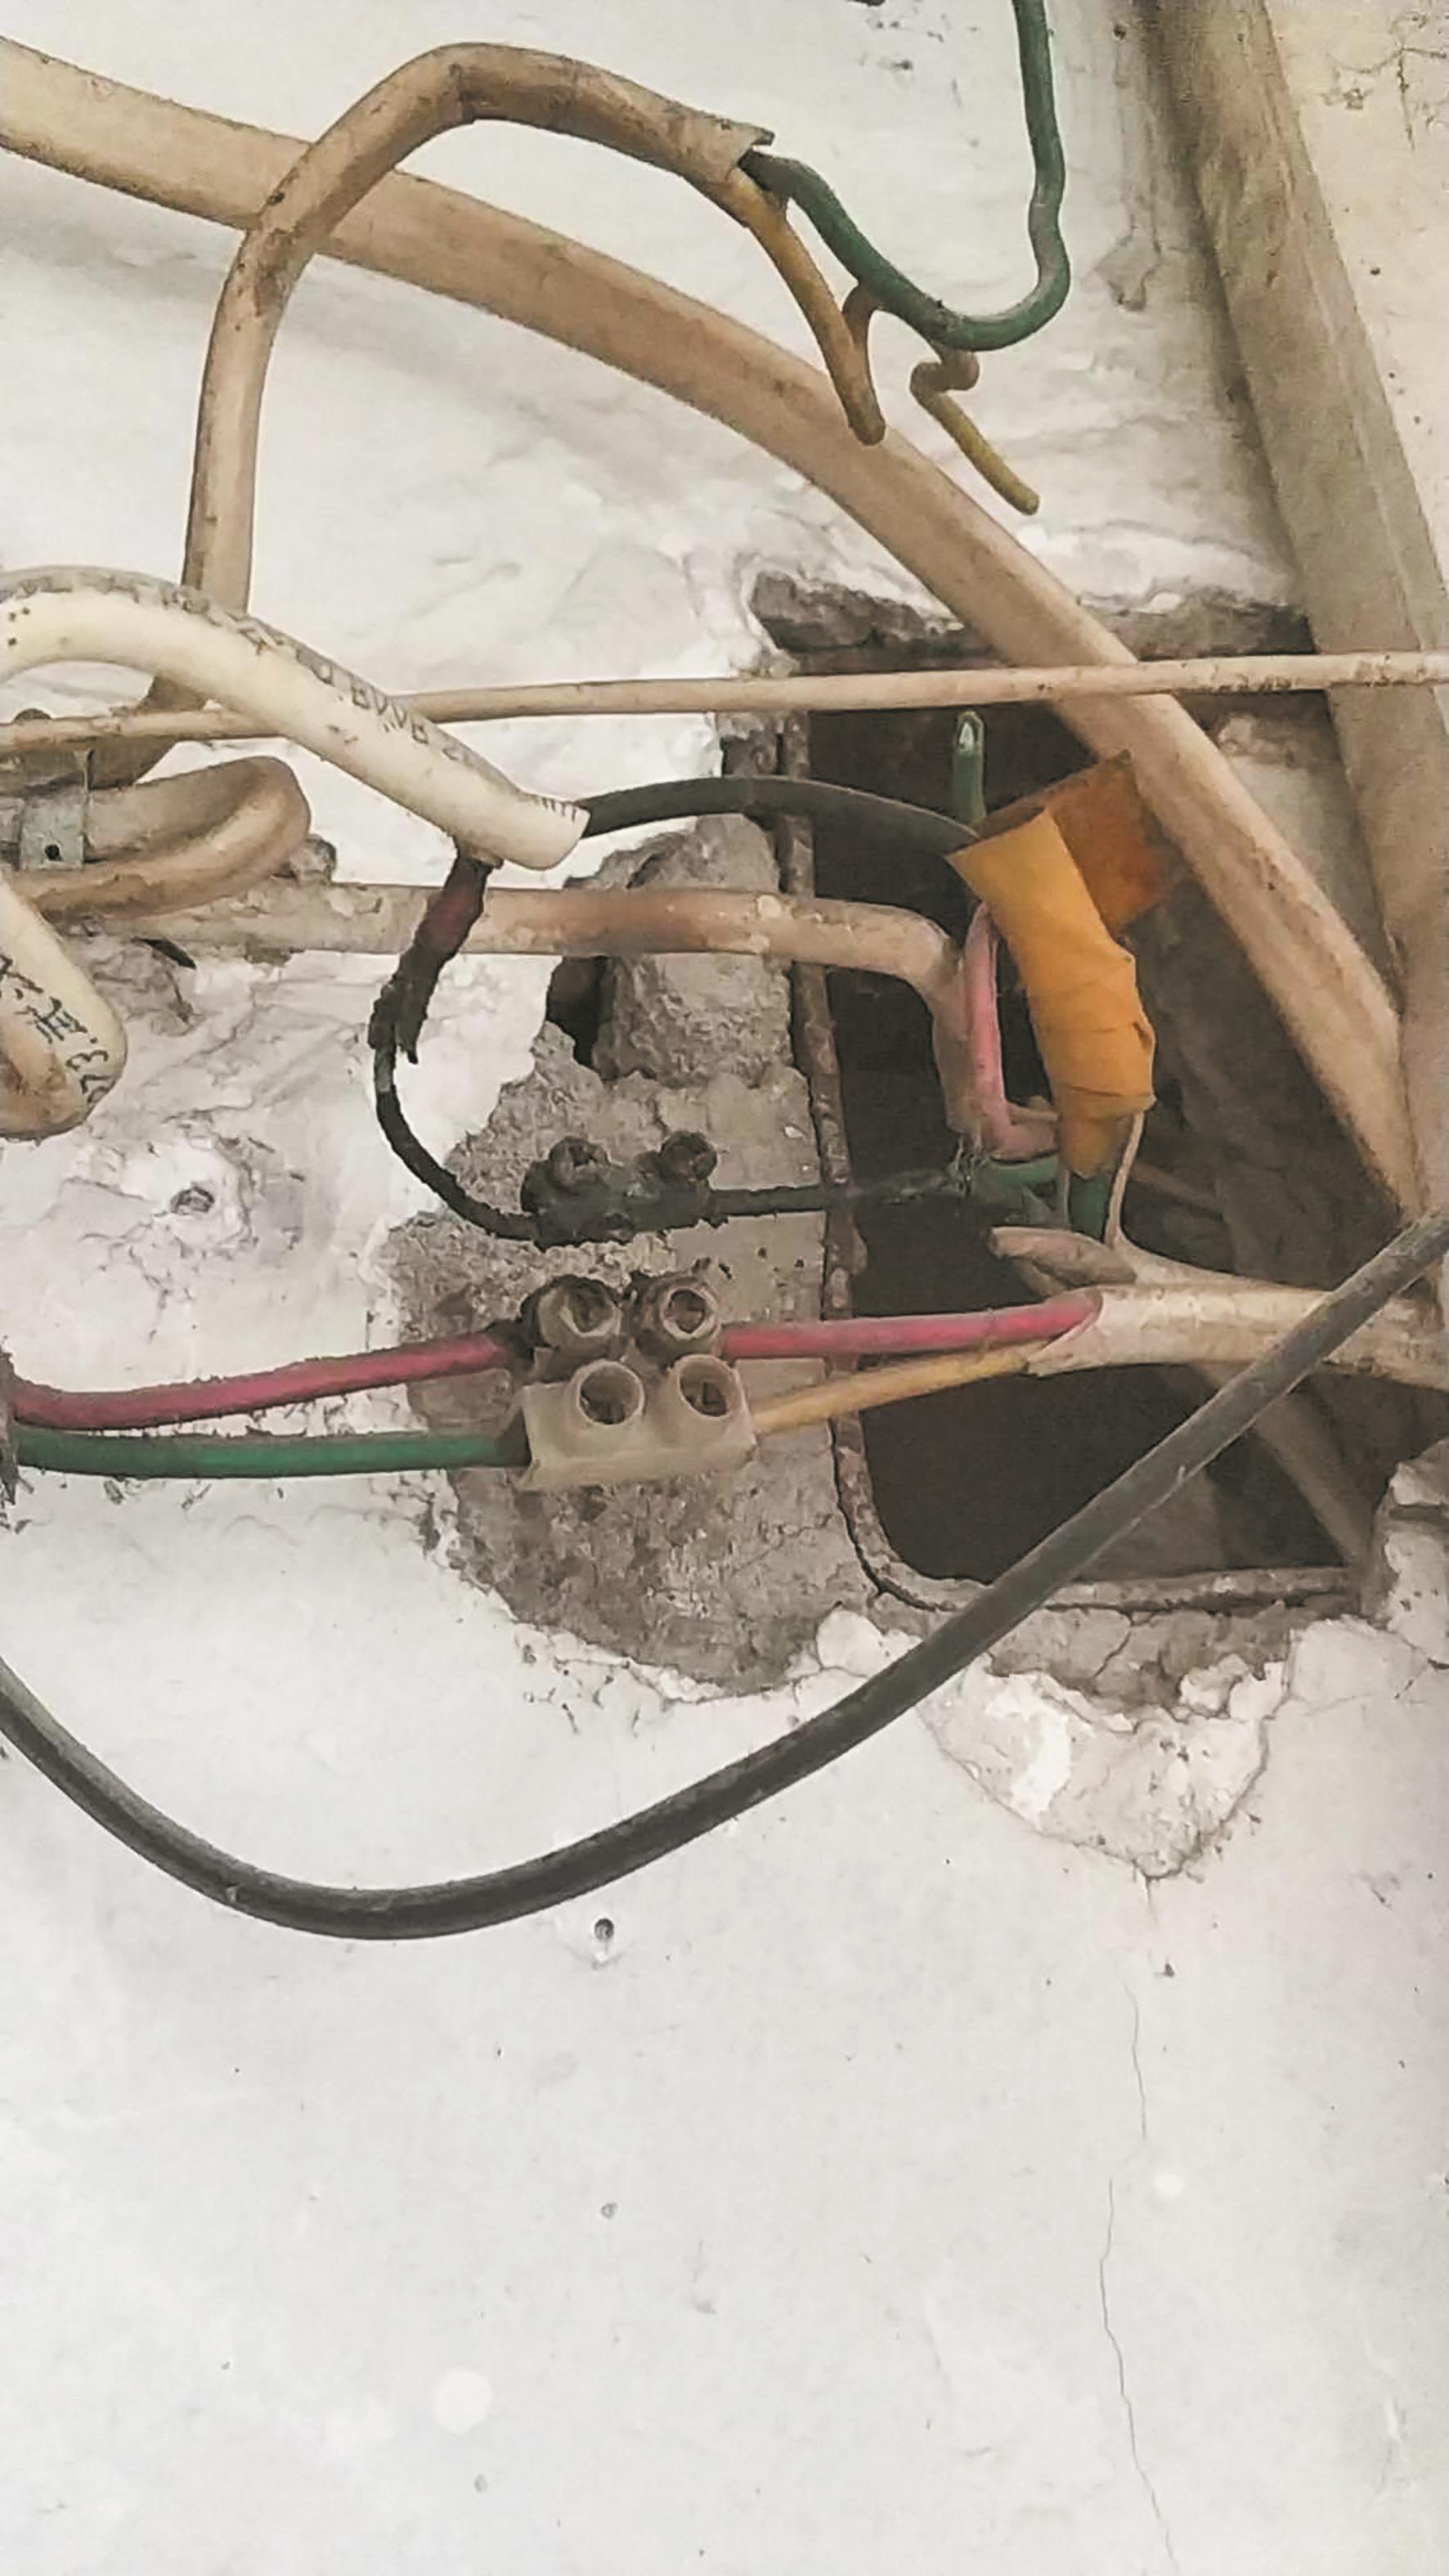 用电量翻倍 原是两家电线相搭 律师建议两家住户协商分摊电费